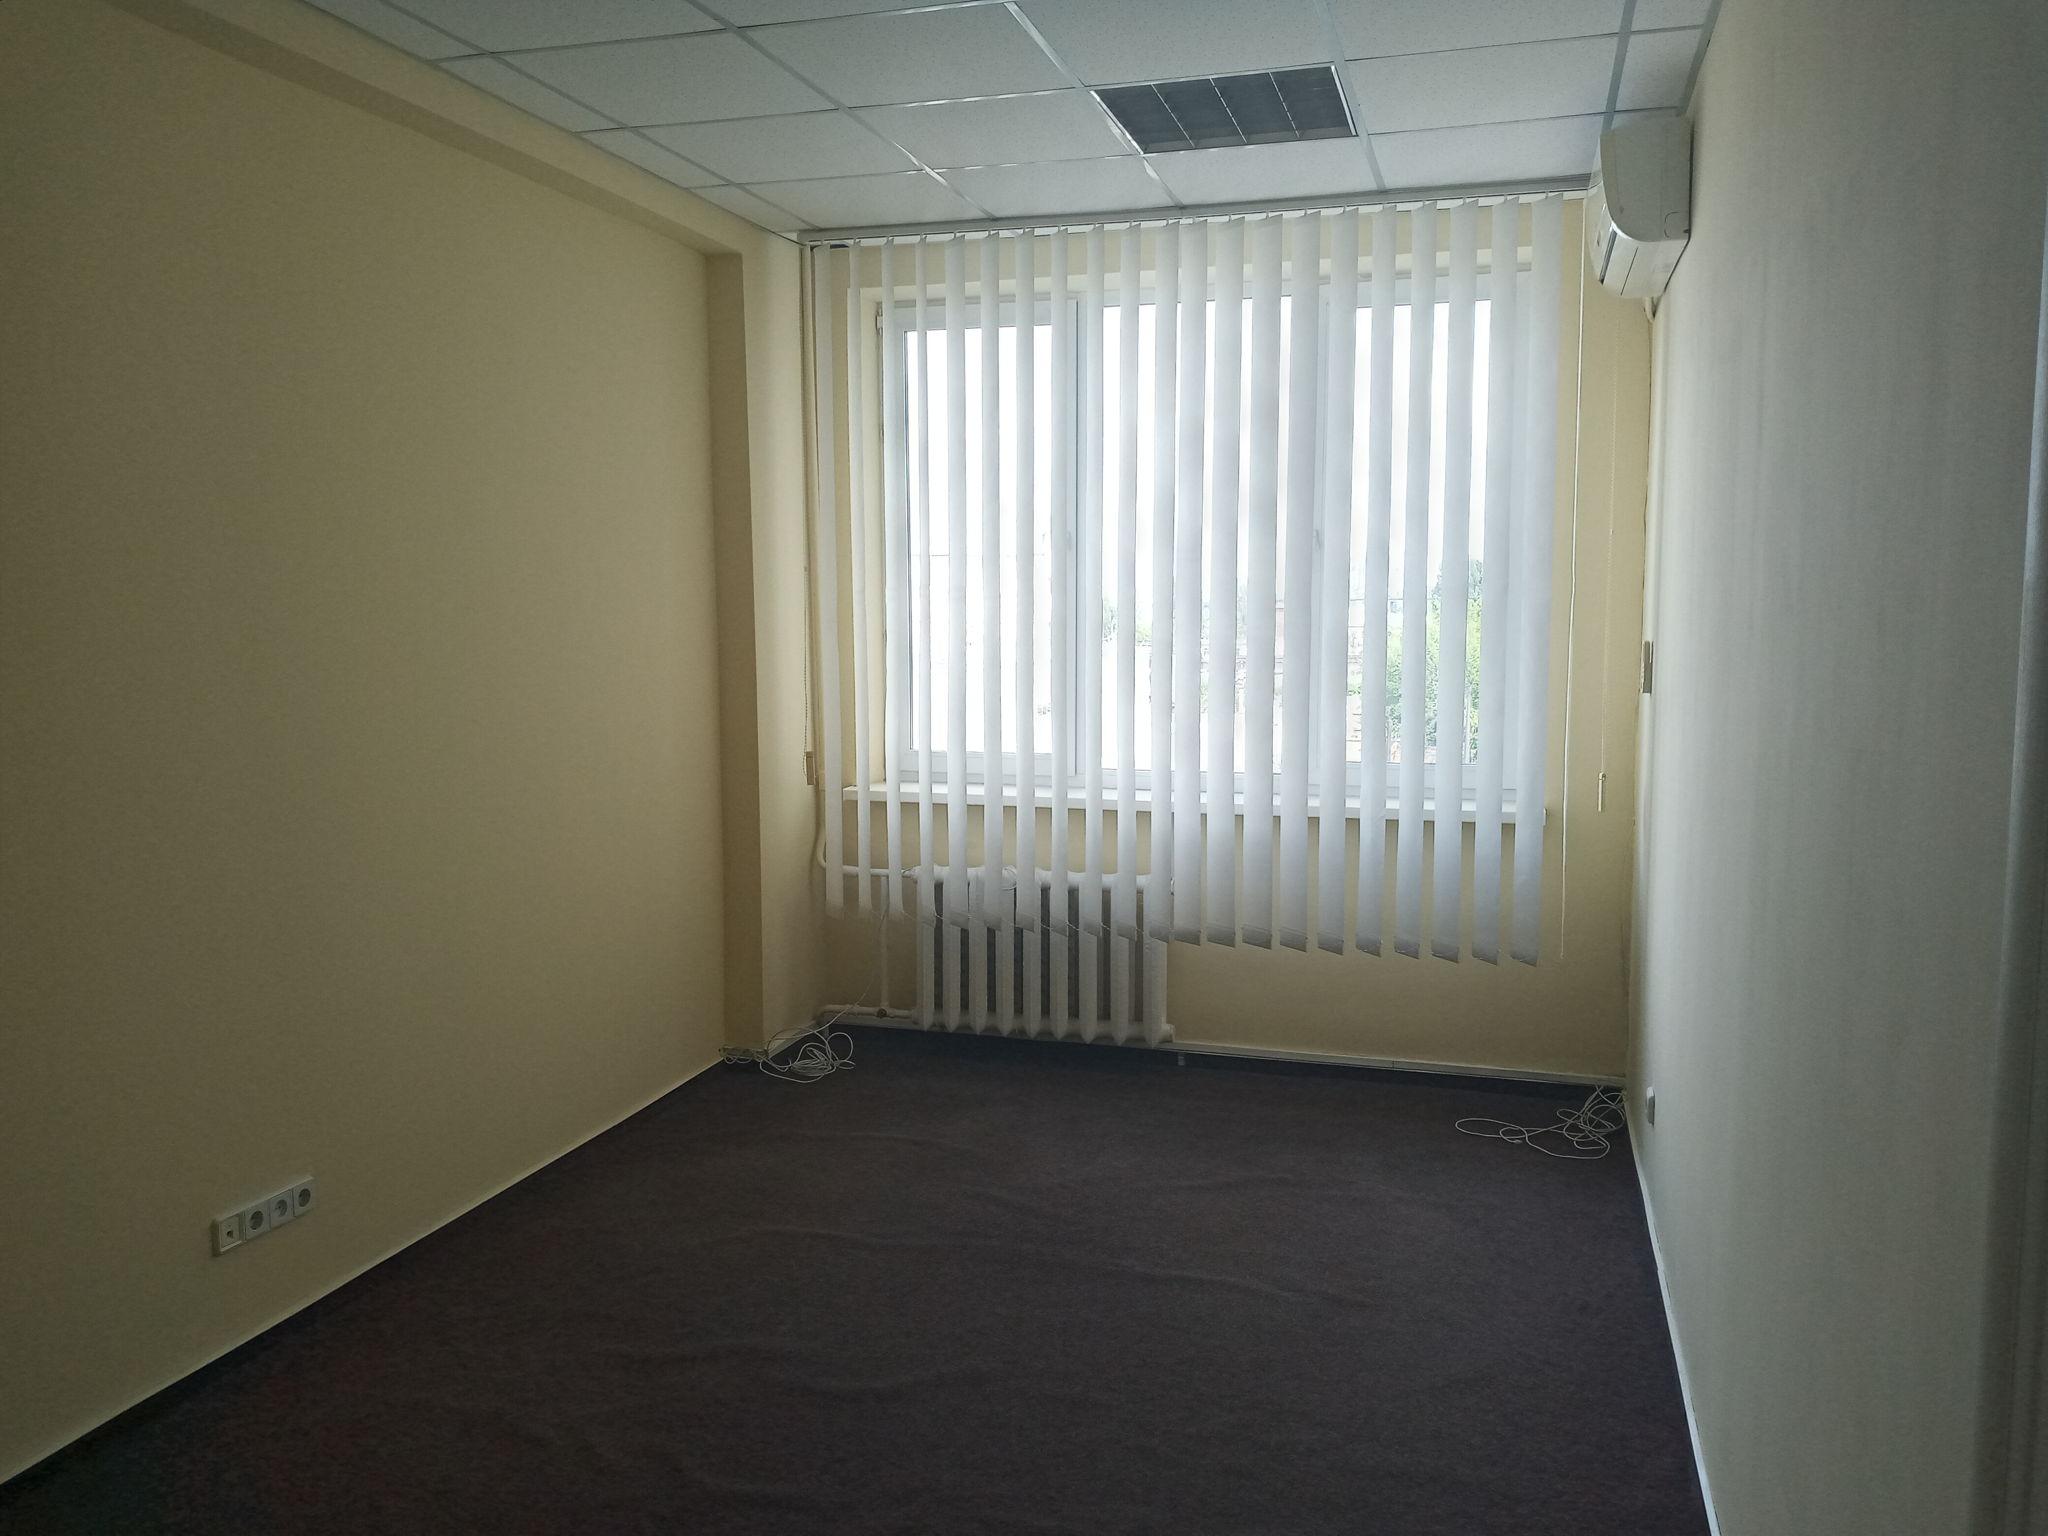 Офис, W-6136862, Сверстюка Евгения (Расковой Марины), 17, Киев - Фото 2